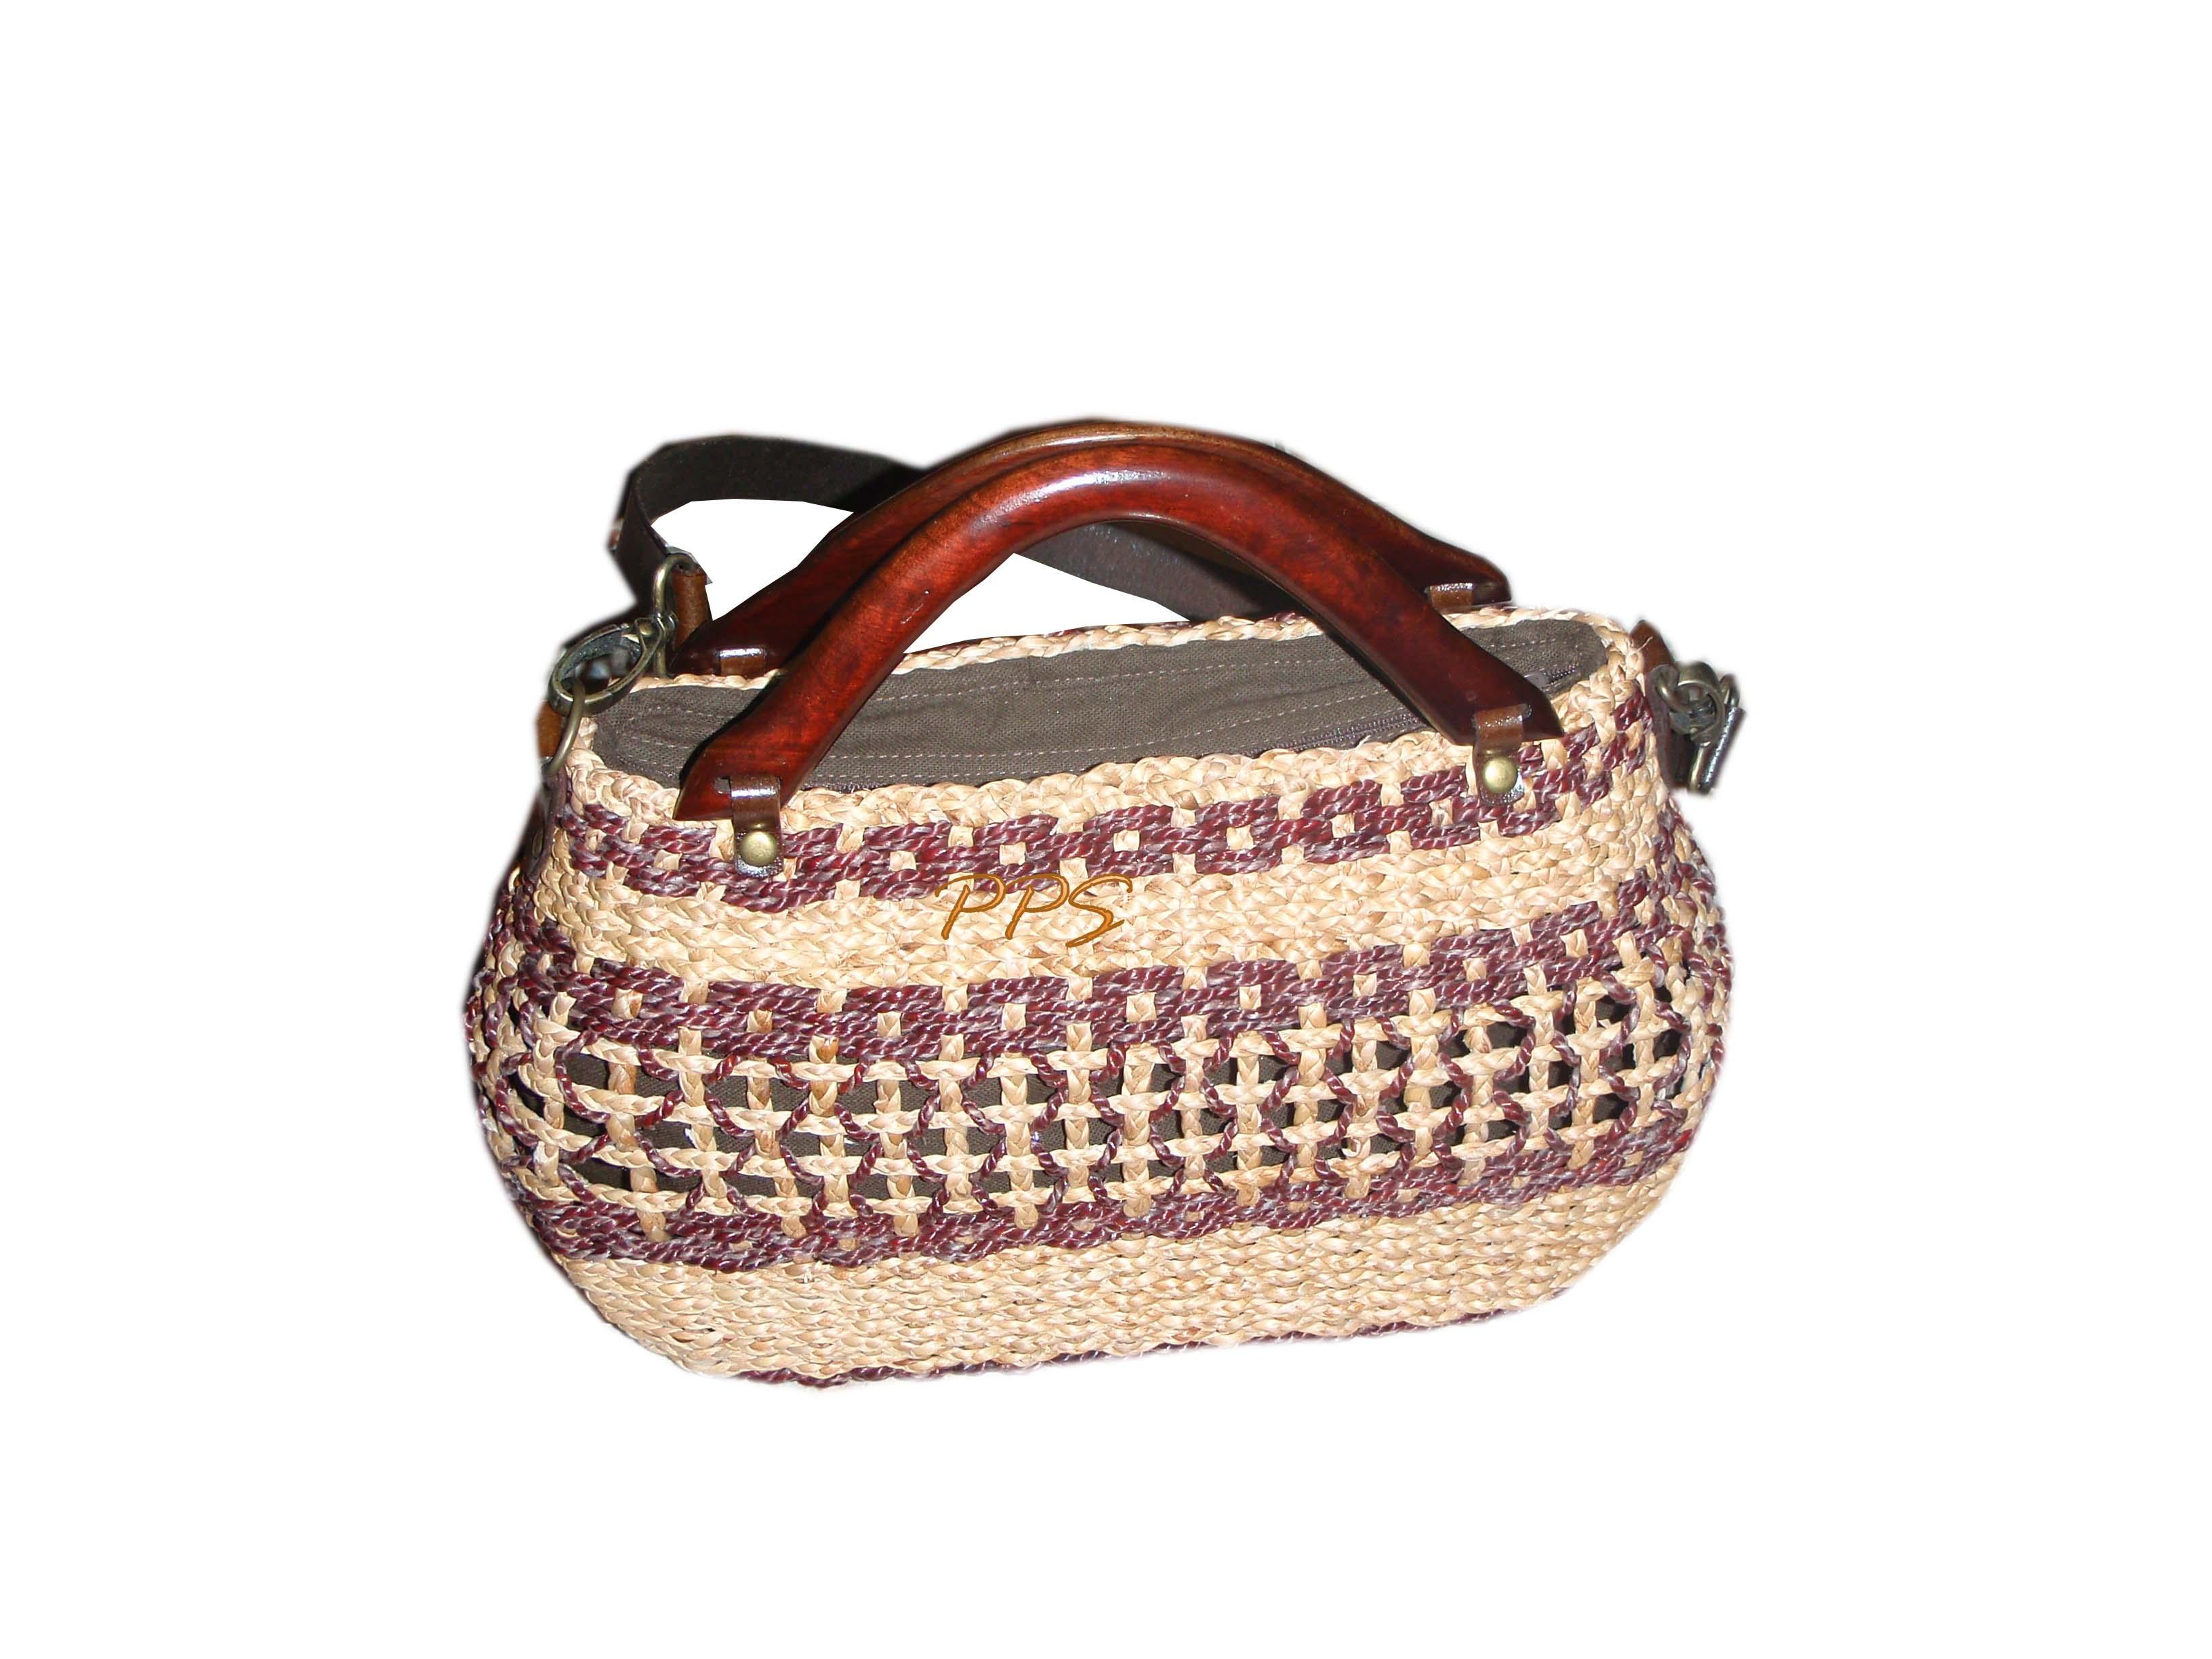 Hyacinth Bag-PPS Bag brand33